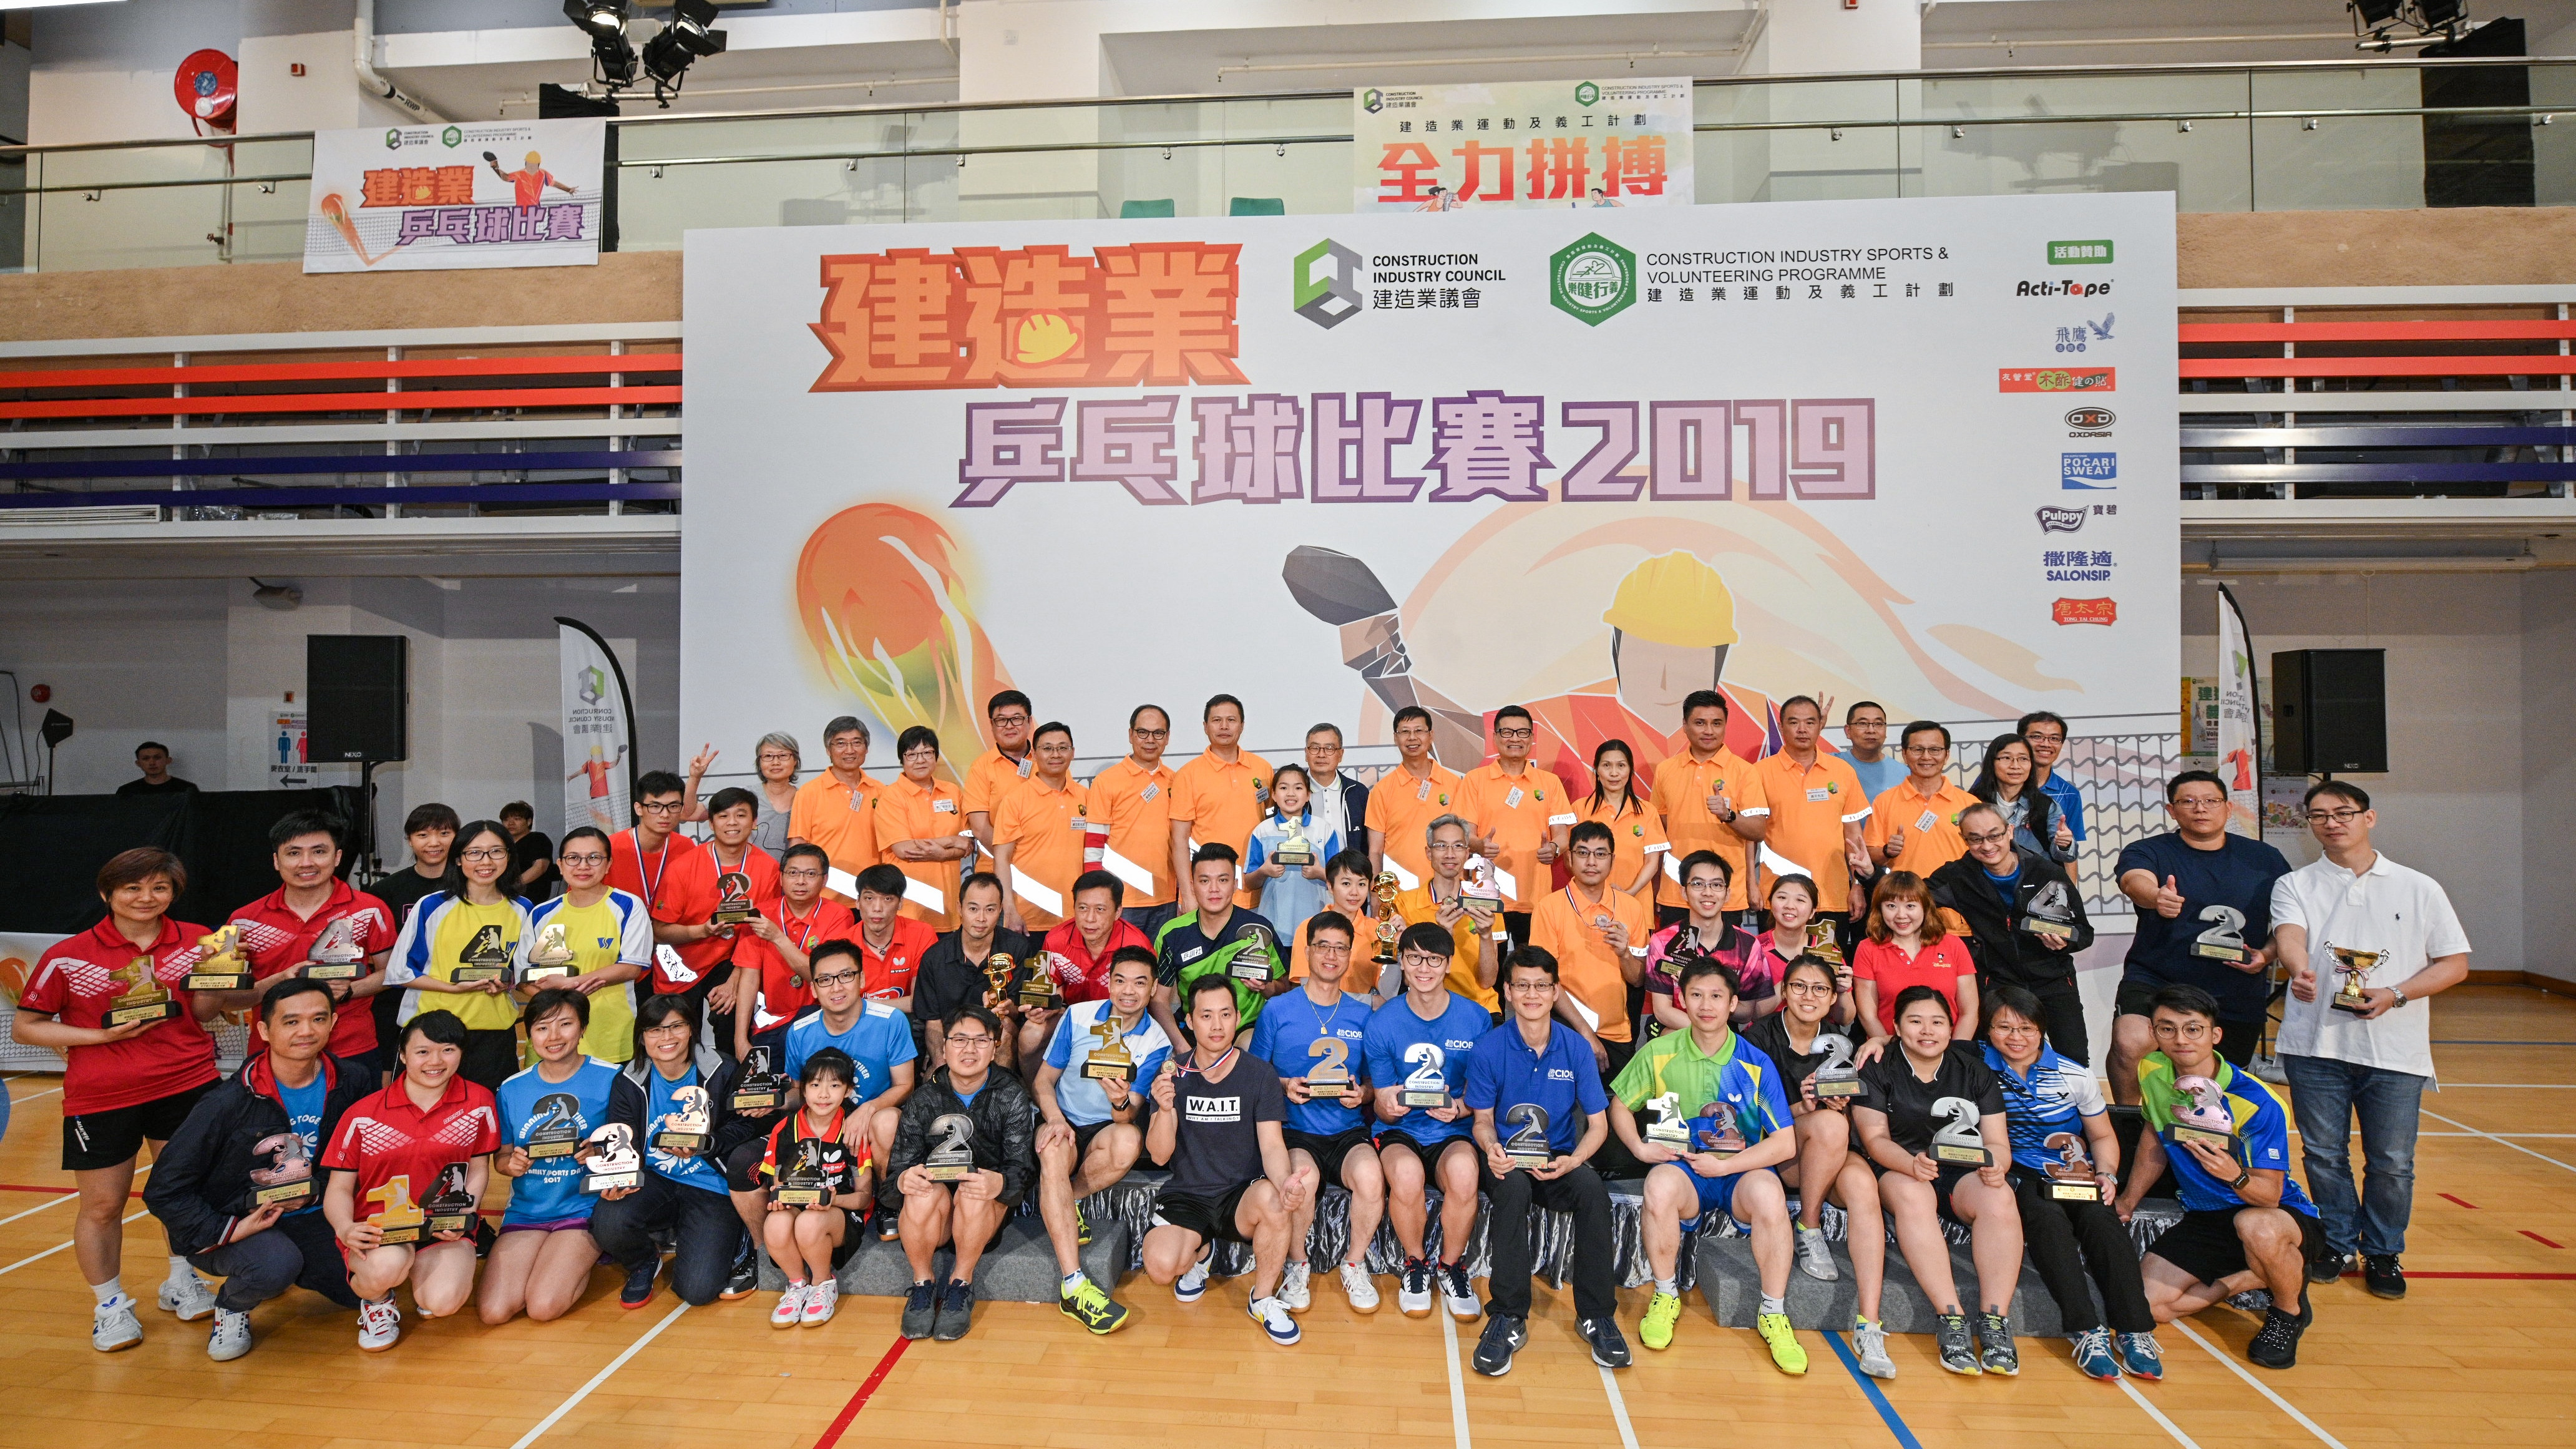 [運動] 建造業乒乓球比賽暨嘉年華2019-業界揪撃‧再創佳績!